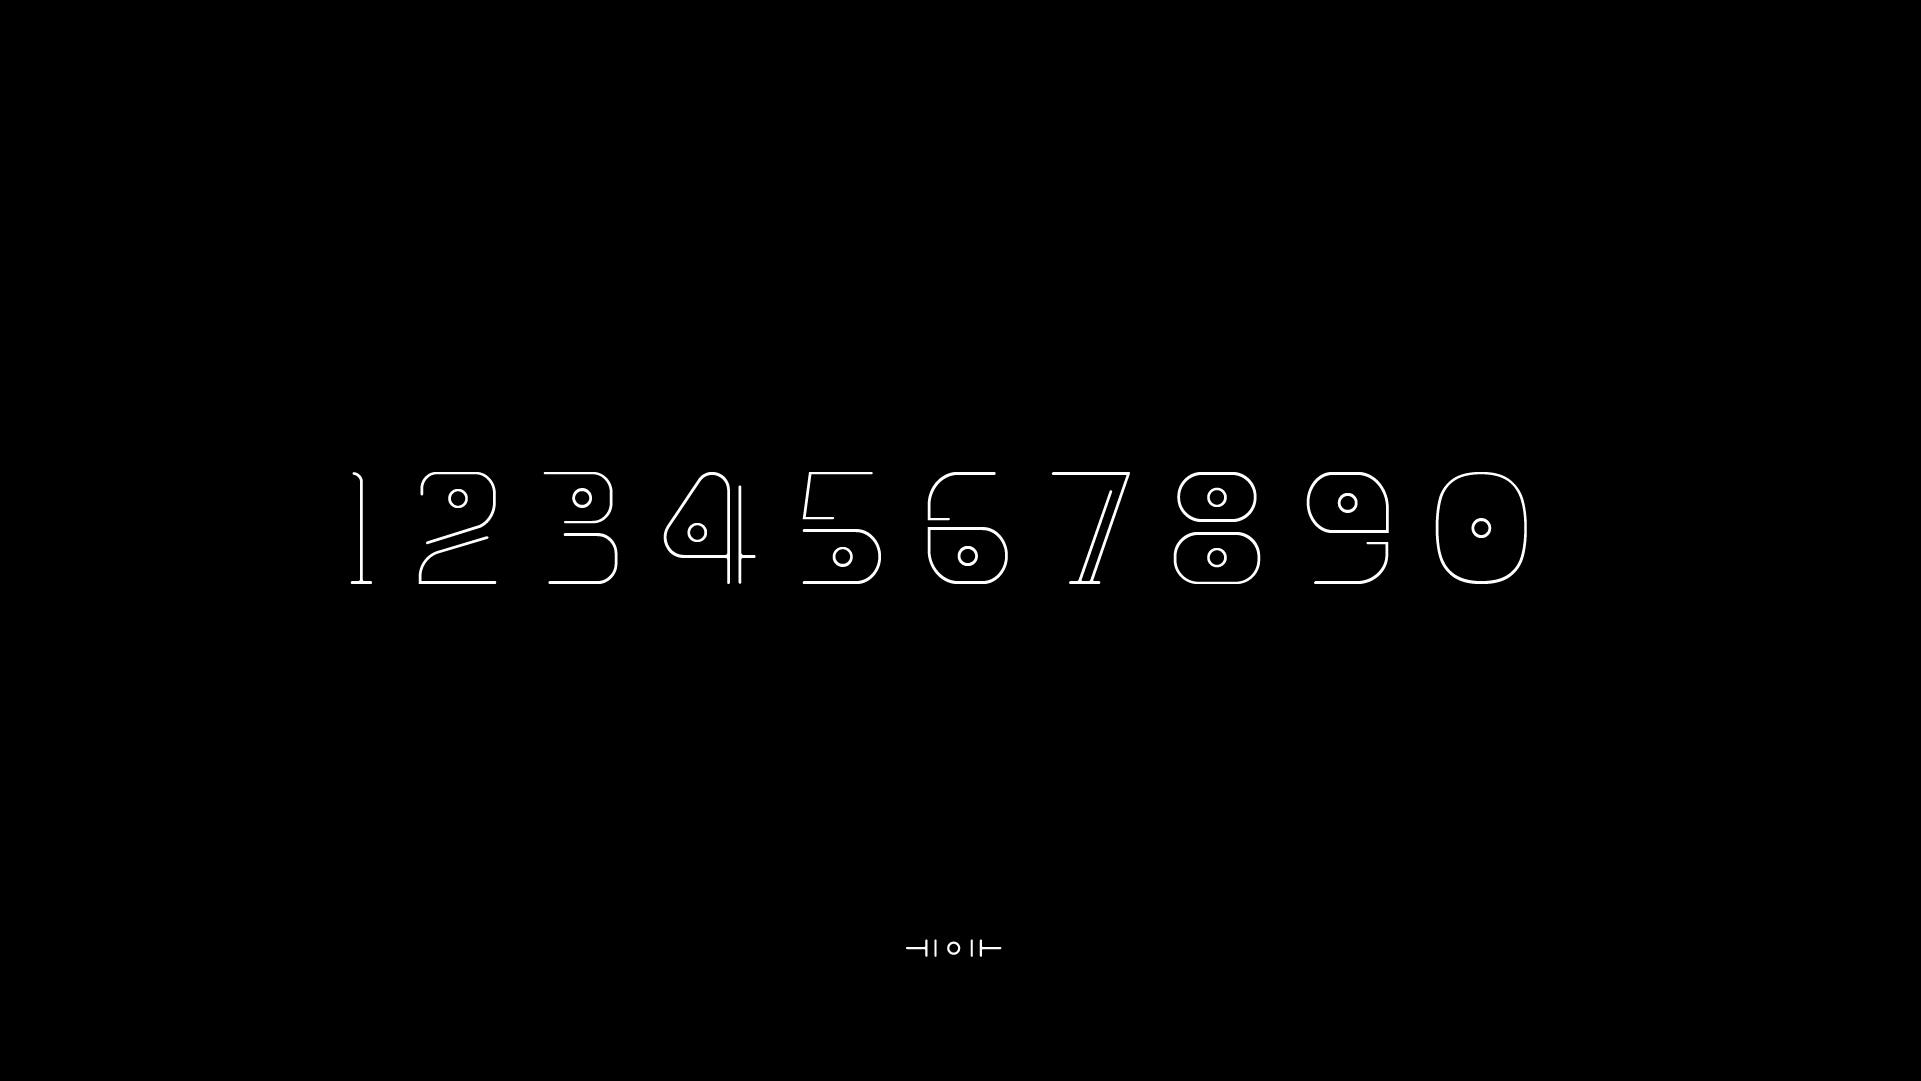 ayor-numbers